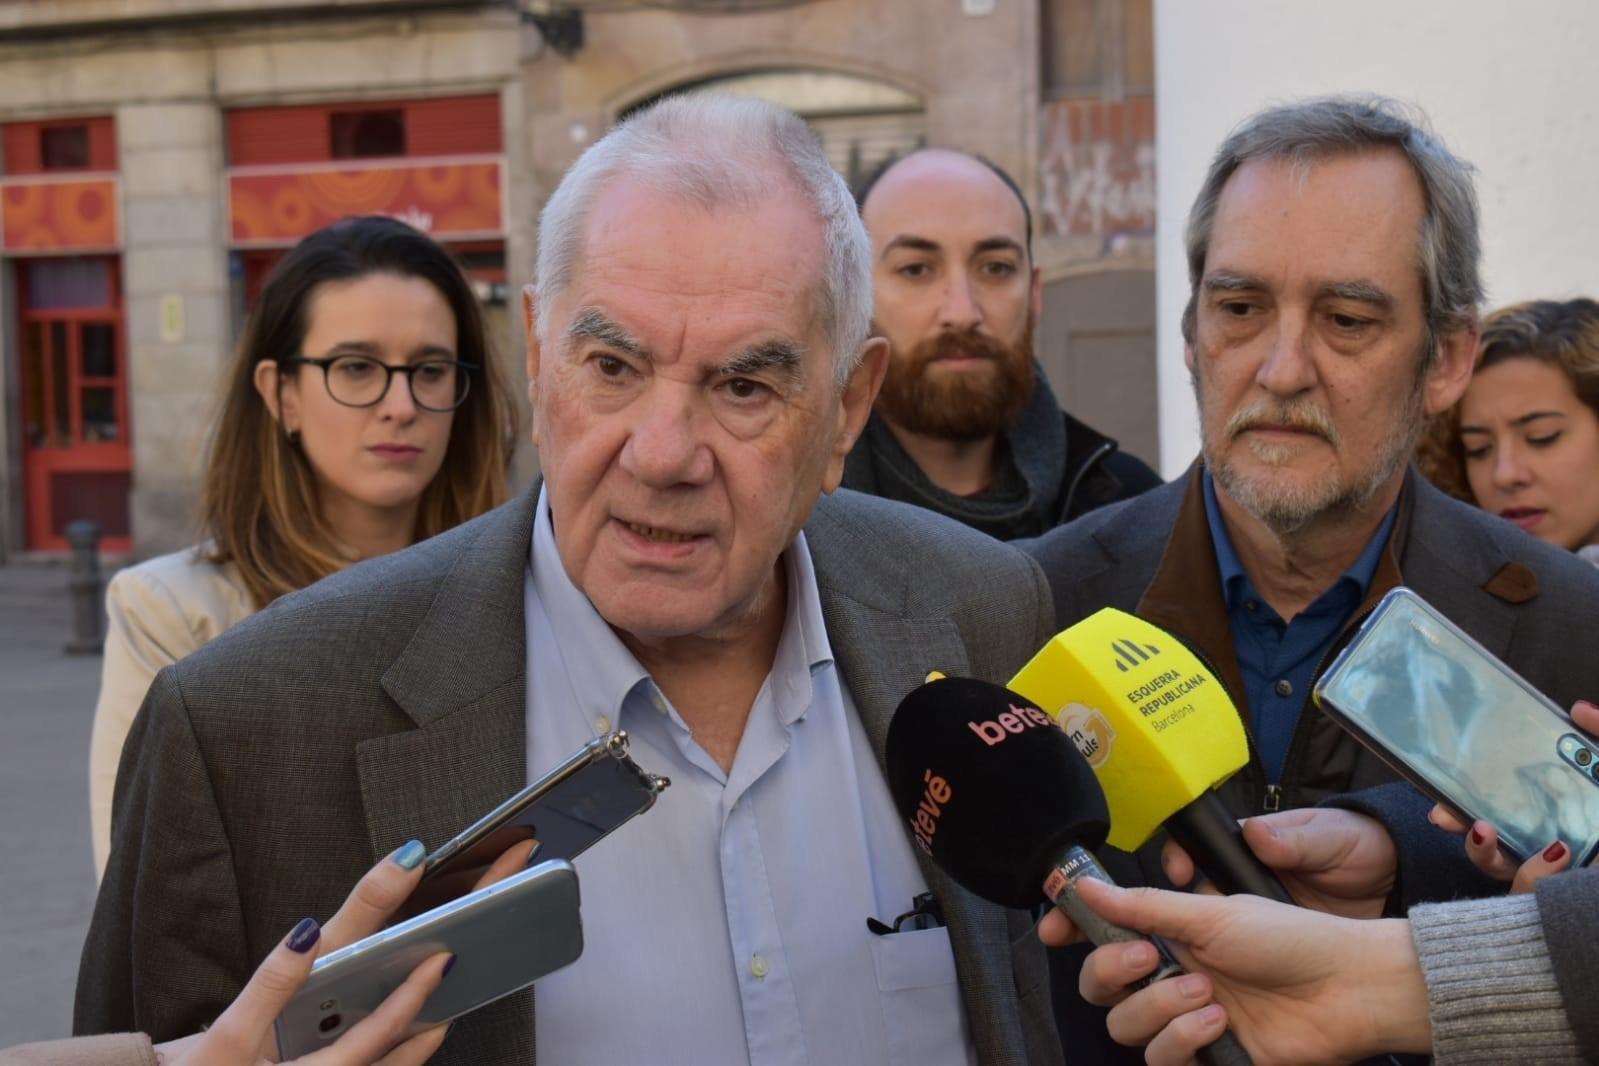 El president del grup municipal d'ERC, Ernest Maragall, i el portaveu, Jordi Coronas, en una imatge d'arxiu / Europa Press